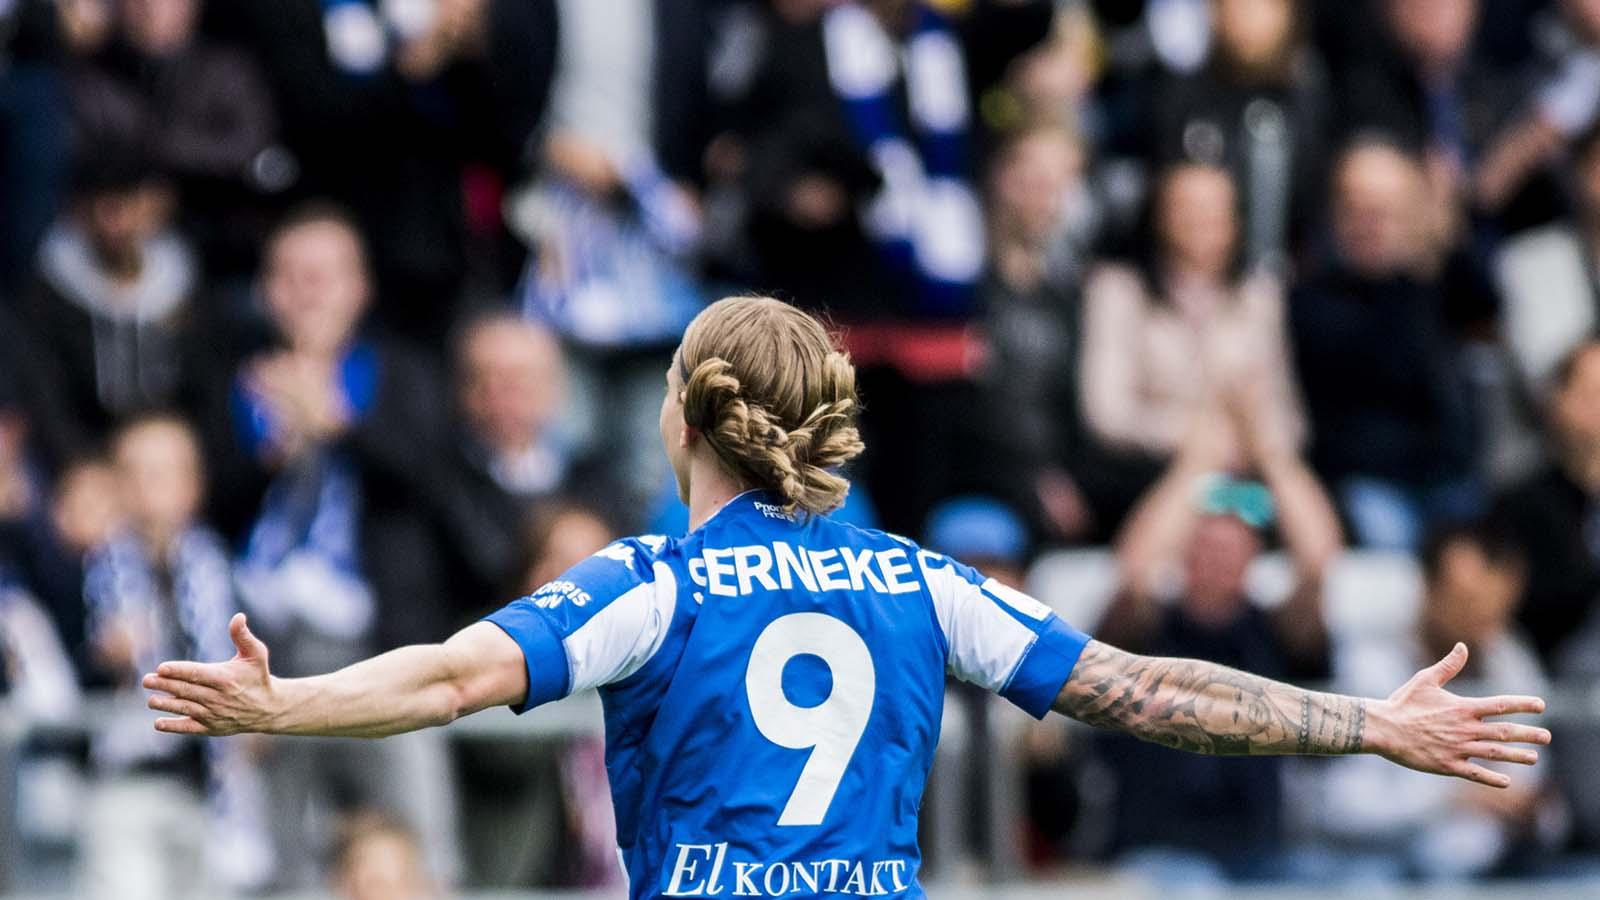 180428 IFK Göteborgs Elias Mar Omarsson jublar efter 1-0 under fotbollsmatchen i allsvenskan mellan IFK Göteborg och Häcken den 28 april 2018 i Göteborg. Foto: Mathias Bergeld / BILDBYRÅN / Cop 200